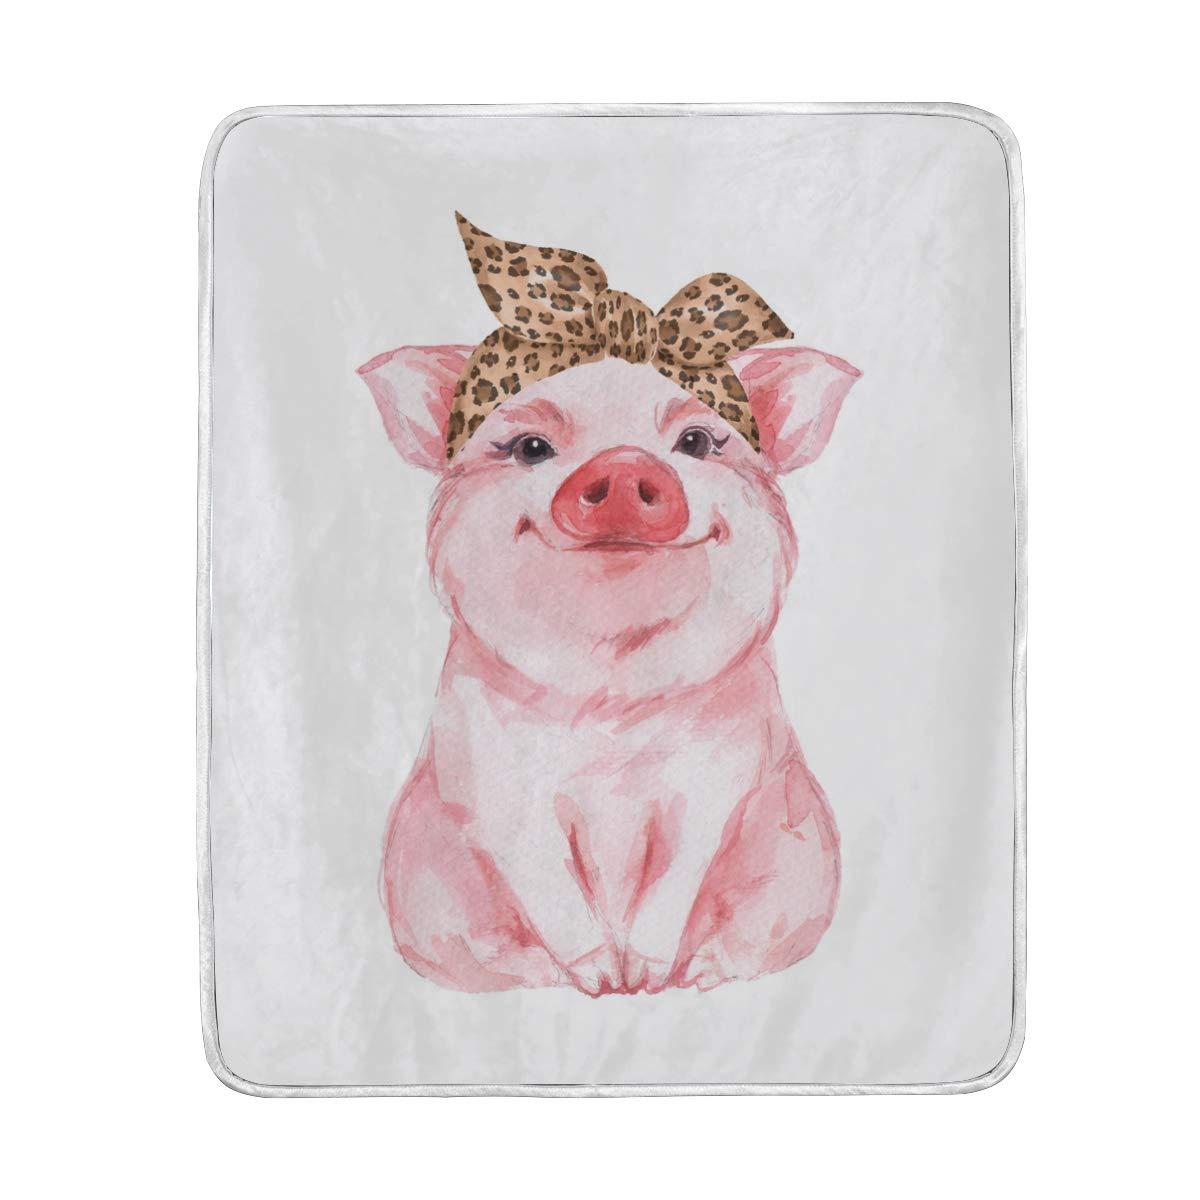 Vantaso Blankets Cute Girl Pig Pink Throws Soft Blanket Kids Girls Boys Bedroom 50x60 inch by Vantaso